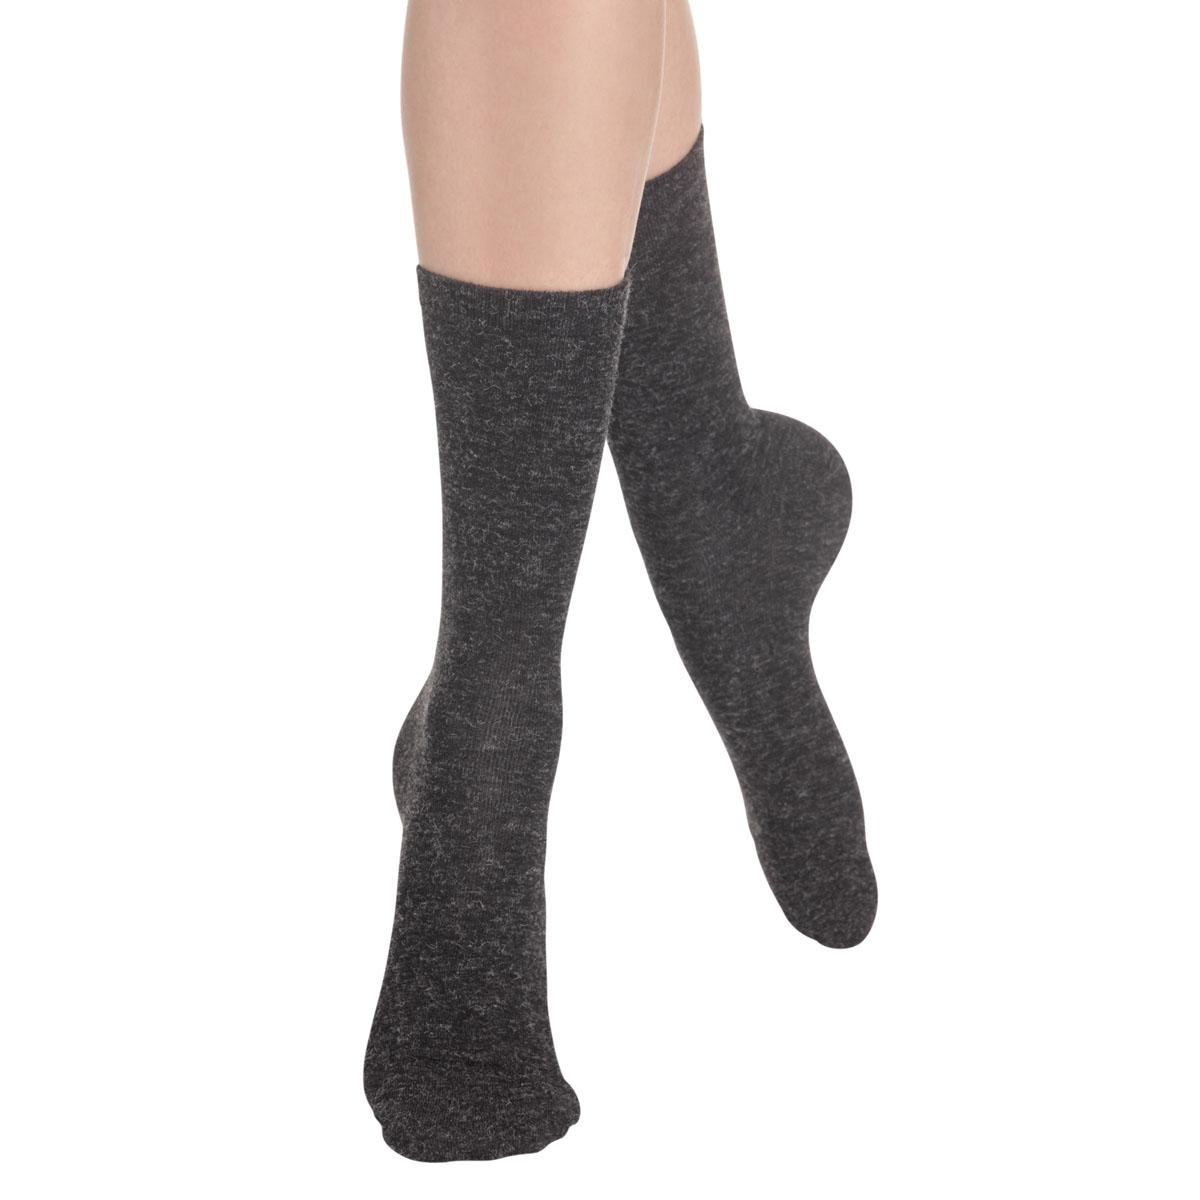 Chaussettes unies anthracite en laine douce Femme